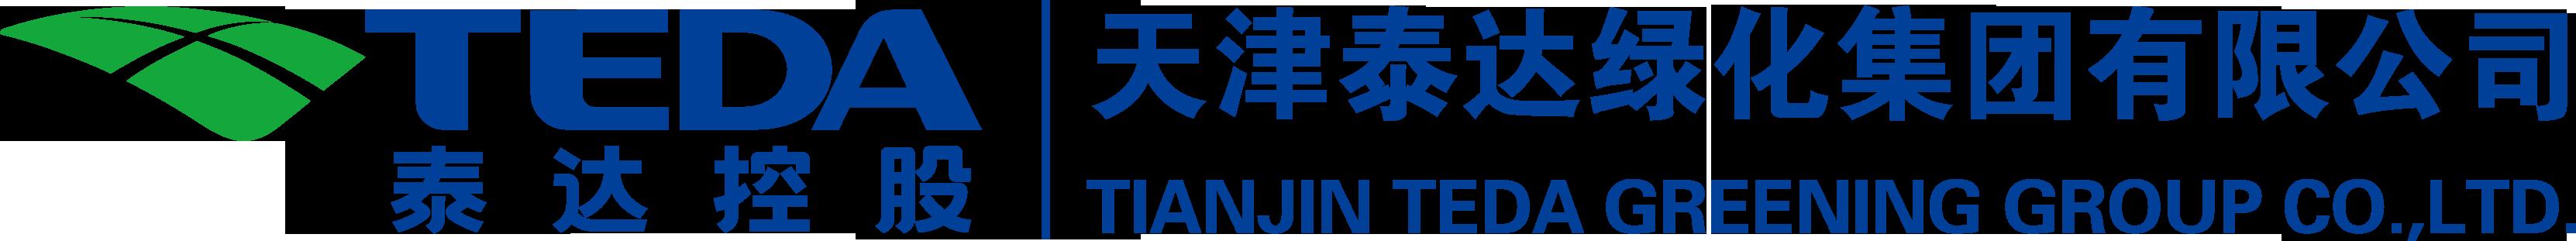 天津Letou电竞绿化集团有限公司